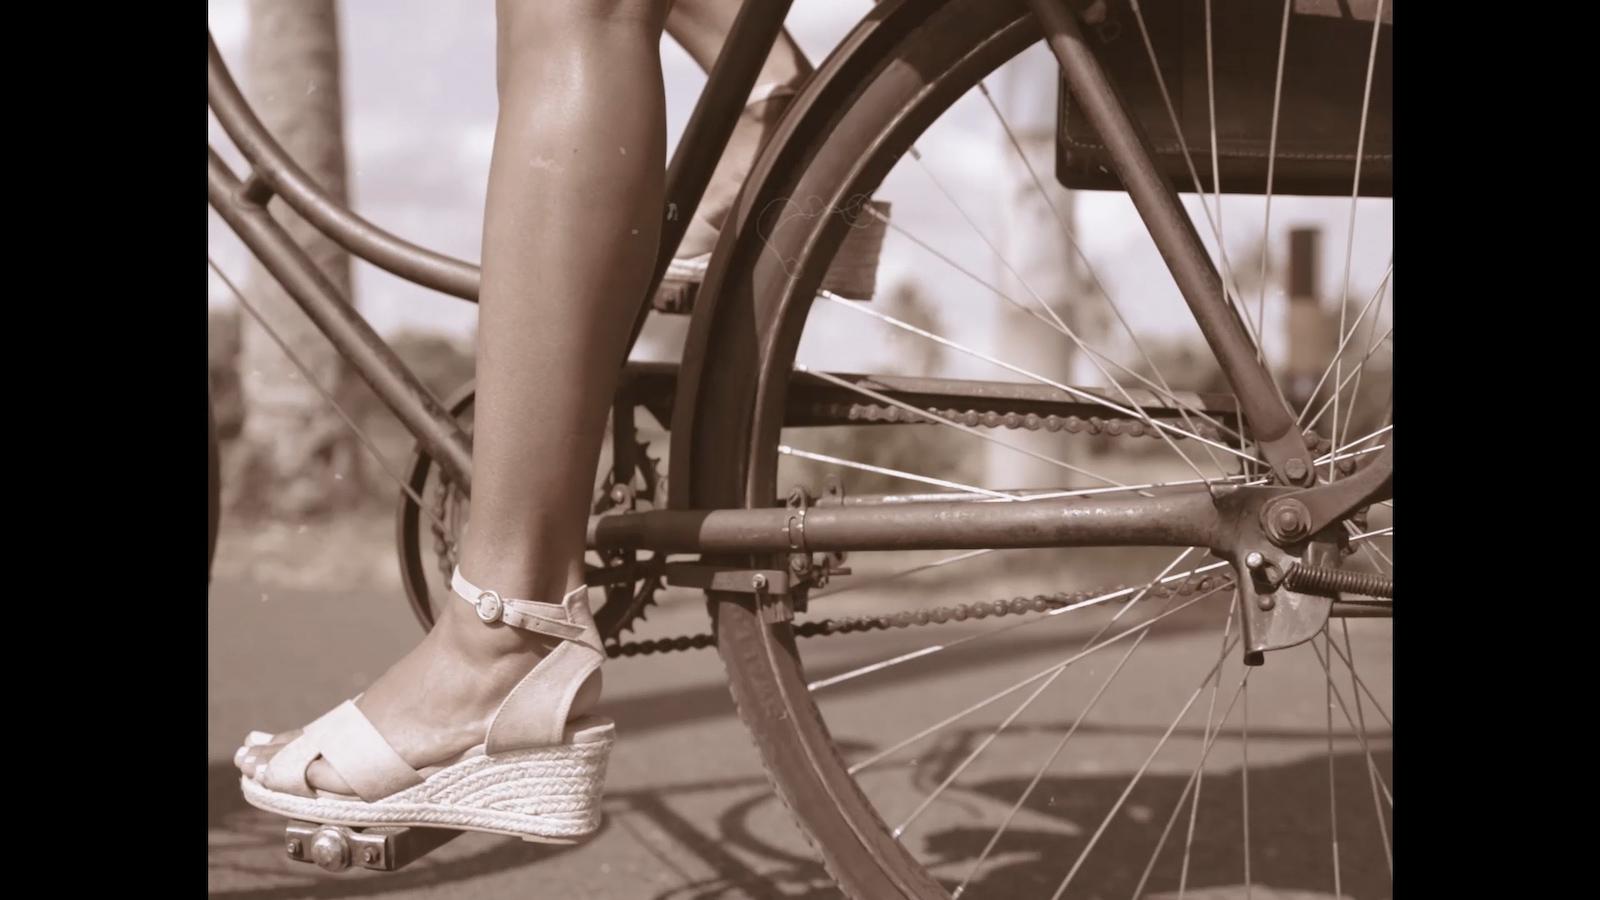 024-cyclingcommando-Putri-Cinta-Mainvid-stills-4.jpg